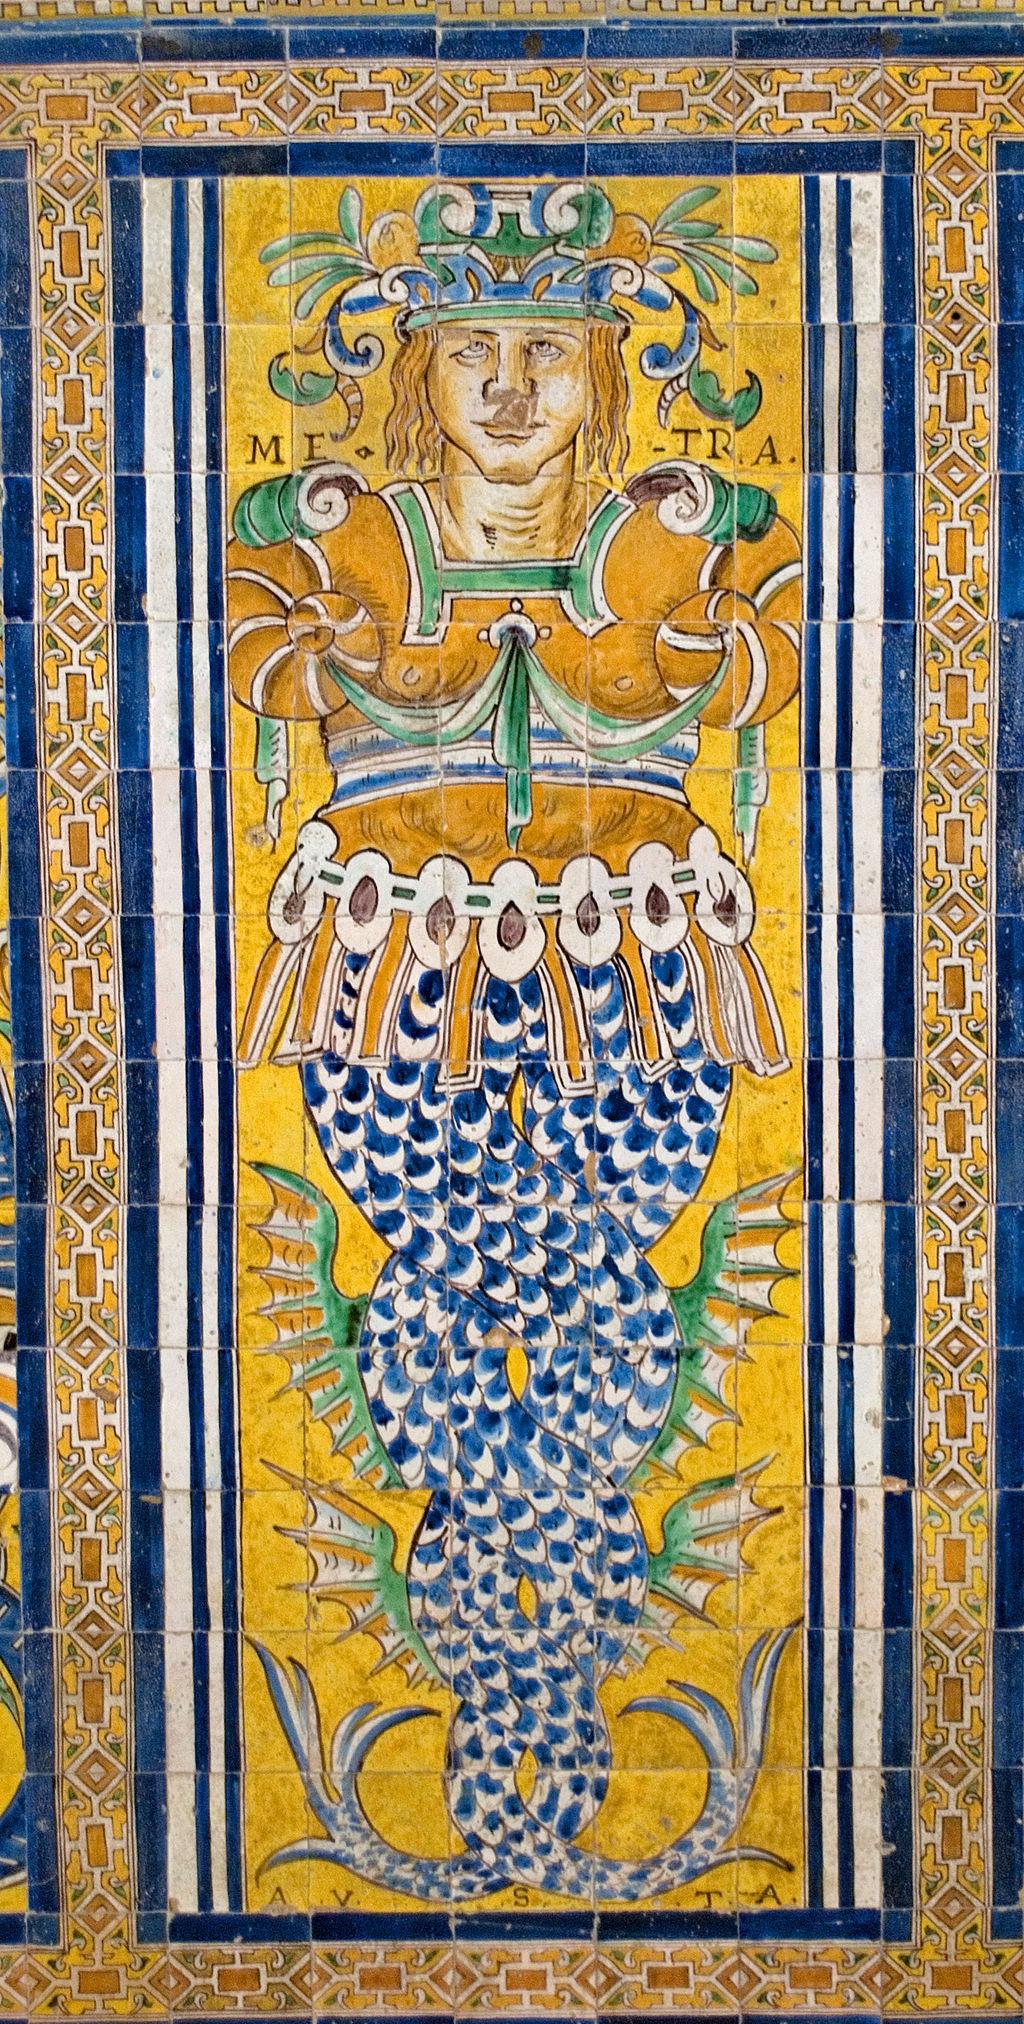 La historia del azulejo un recorrido de siglos por el mundo for Azulejos historia